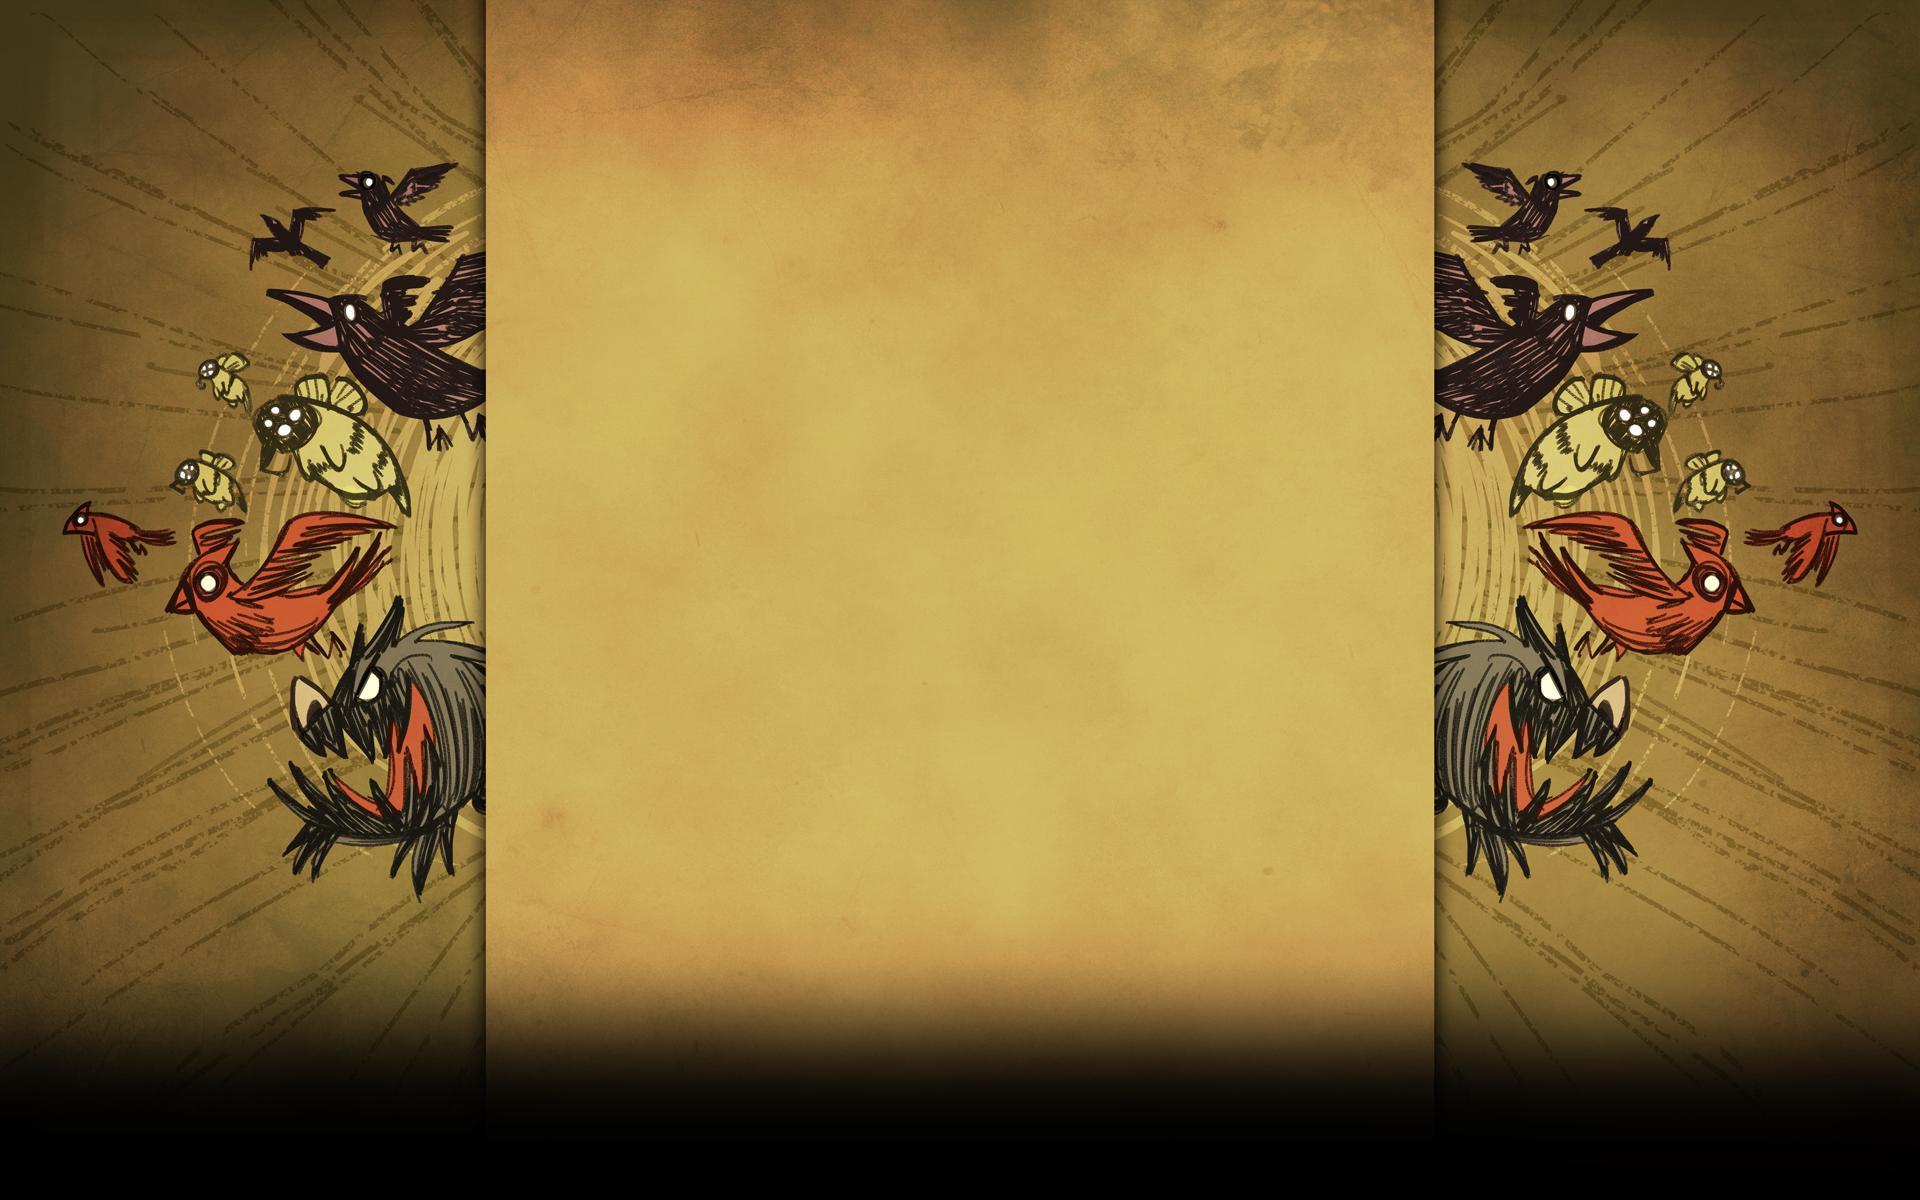 Steam Profile Wallpapers - WallpaperSafari